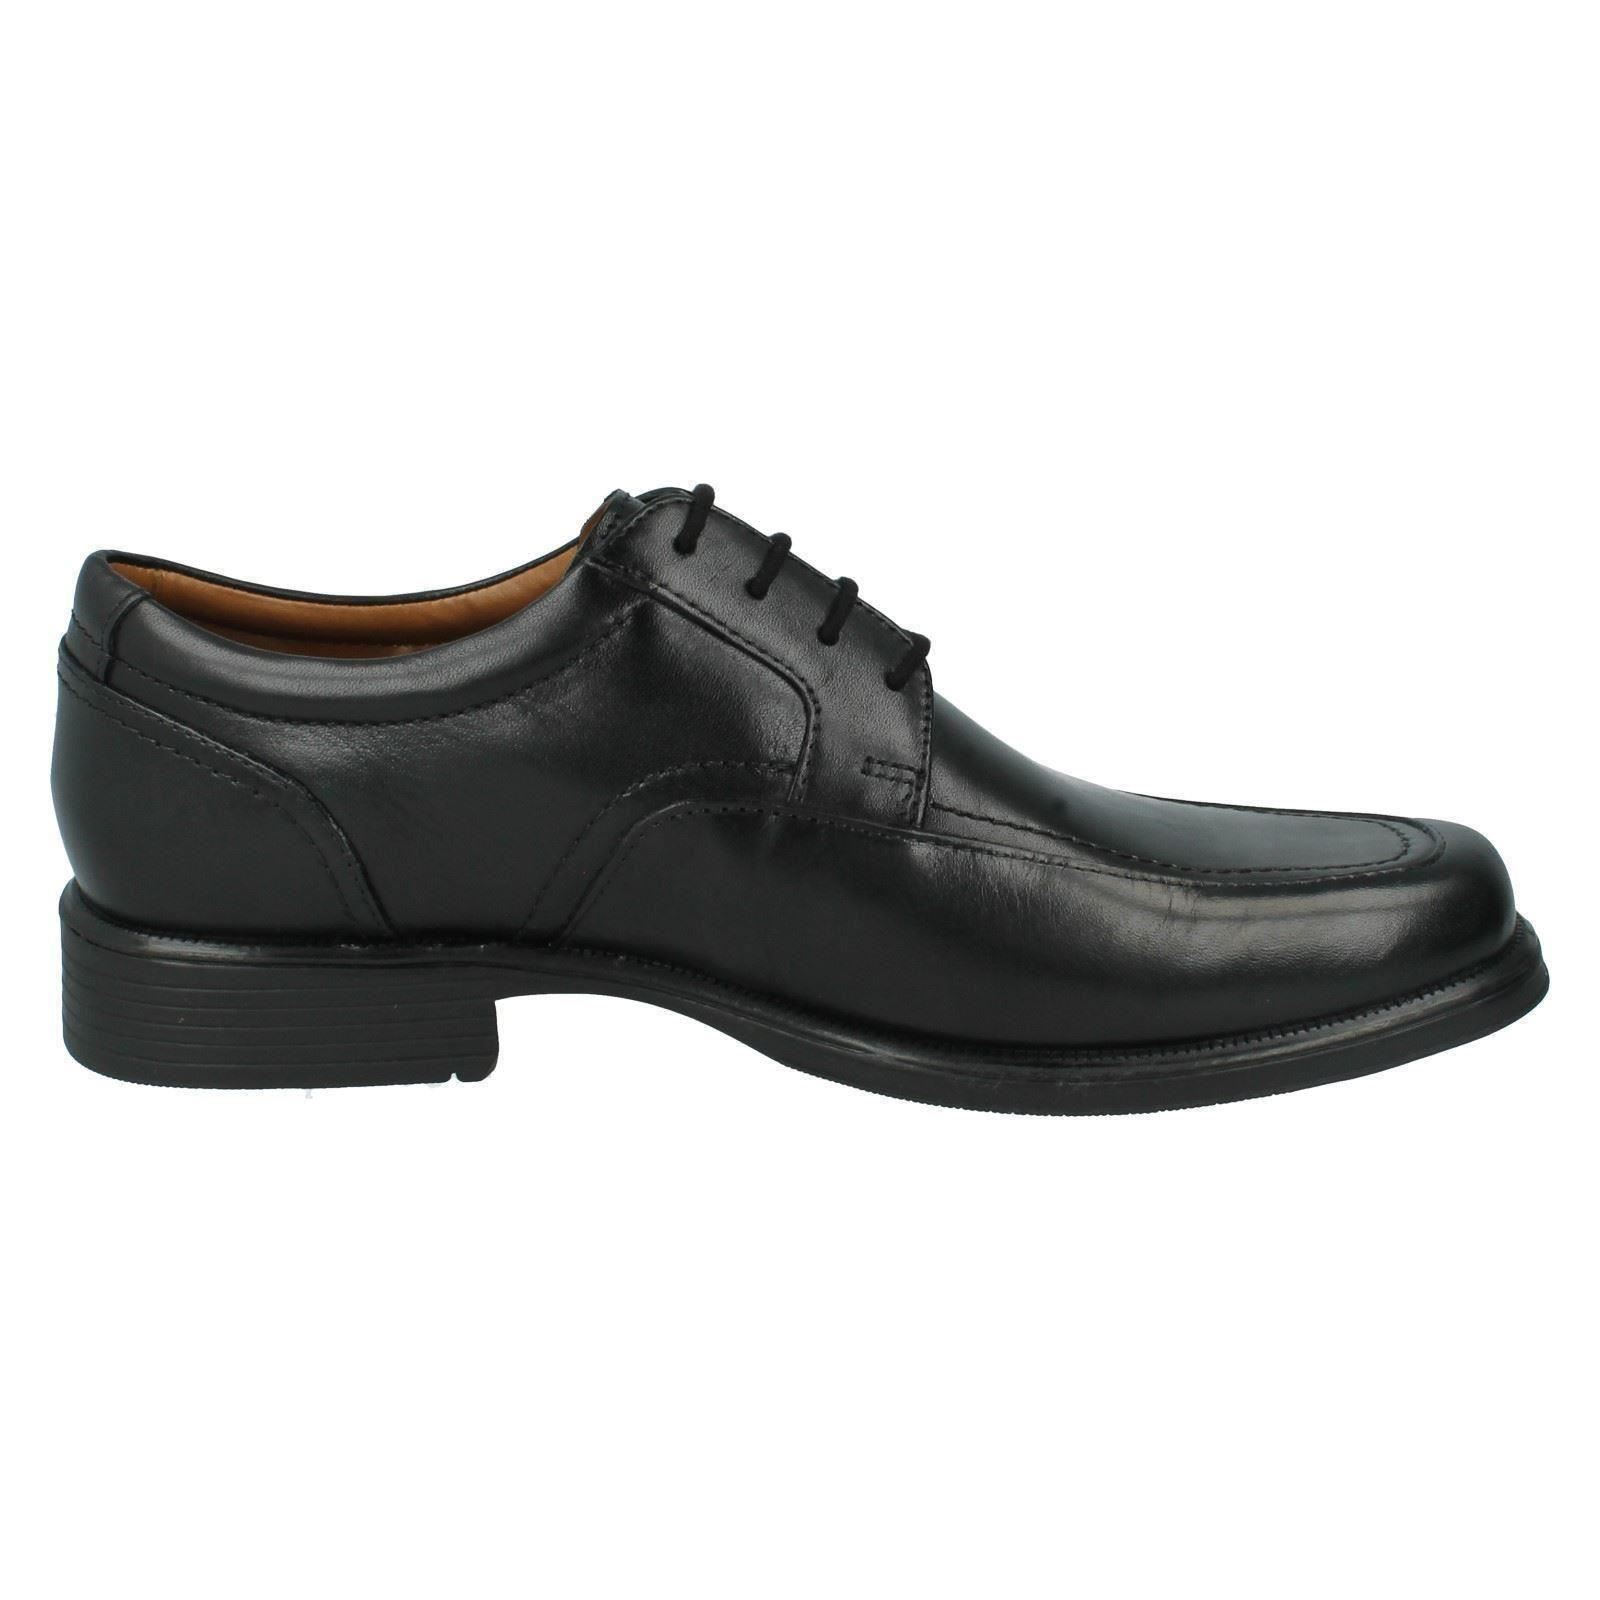 Para Hombre Hombre Para Clarks lazada Zapatos Estilo-huckley Primavera 06dbd5